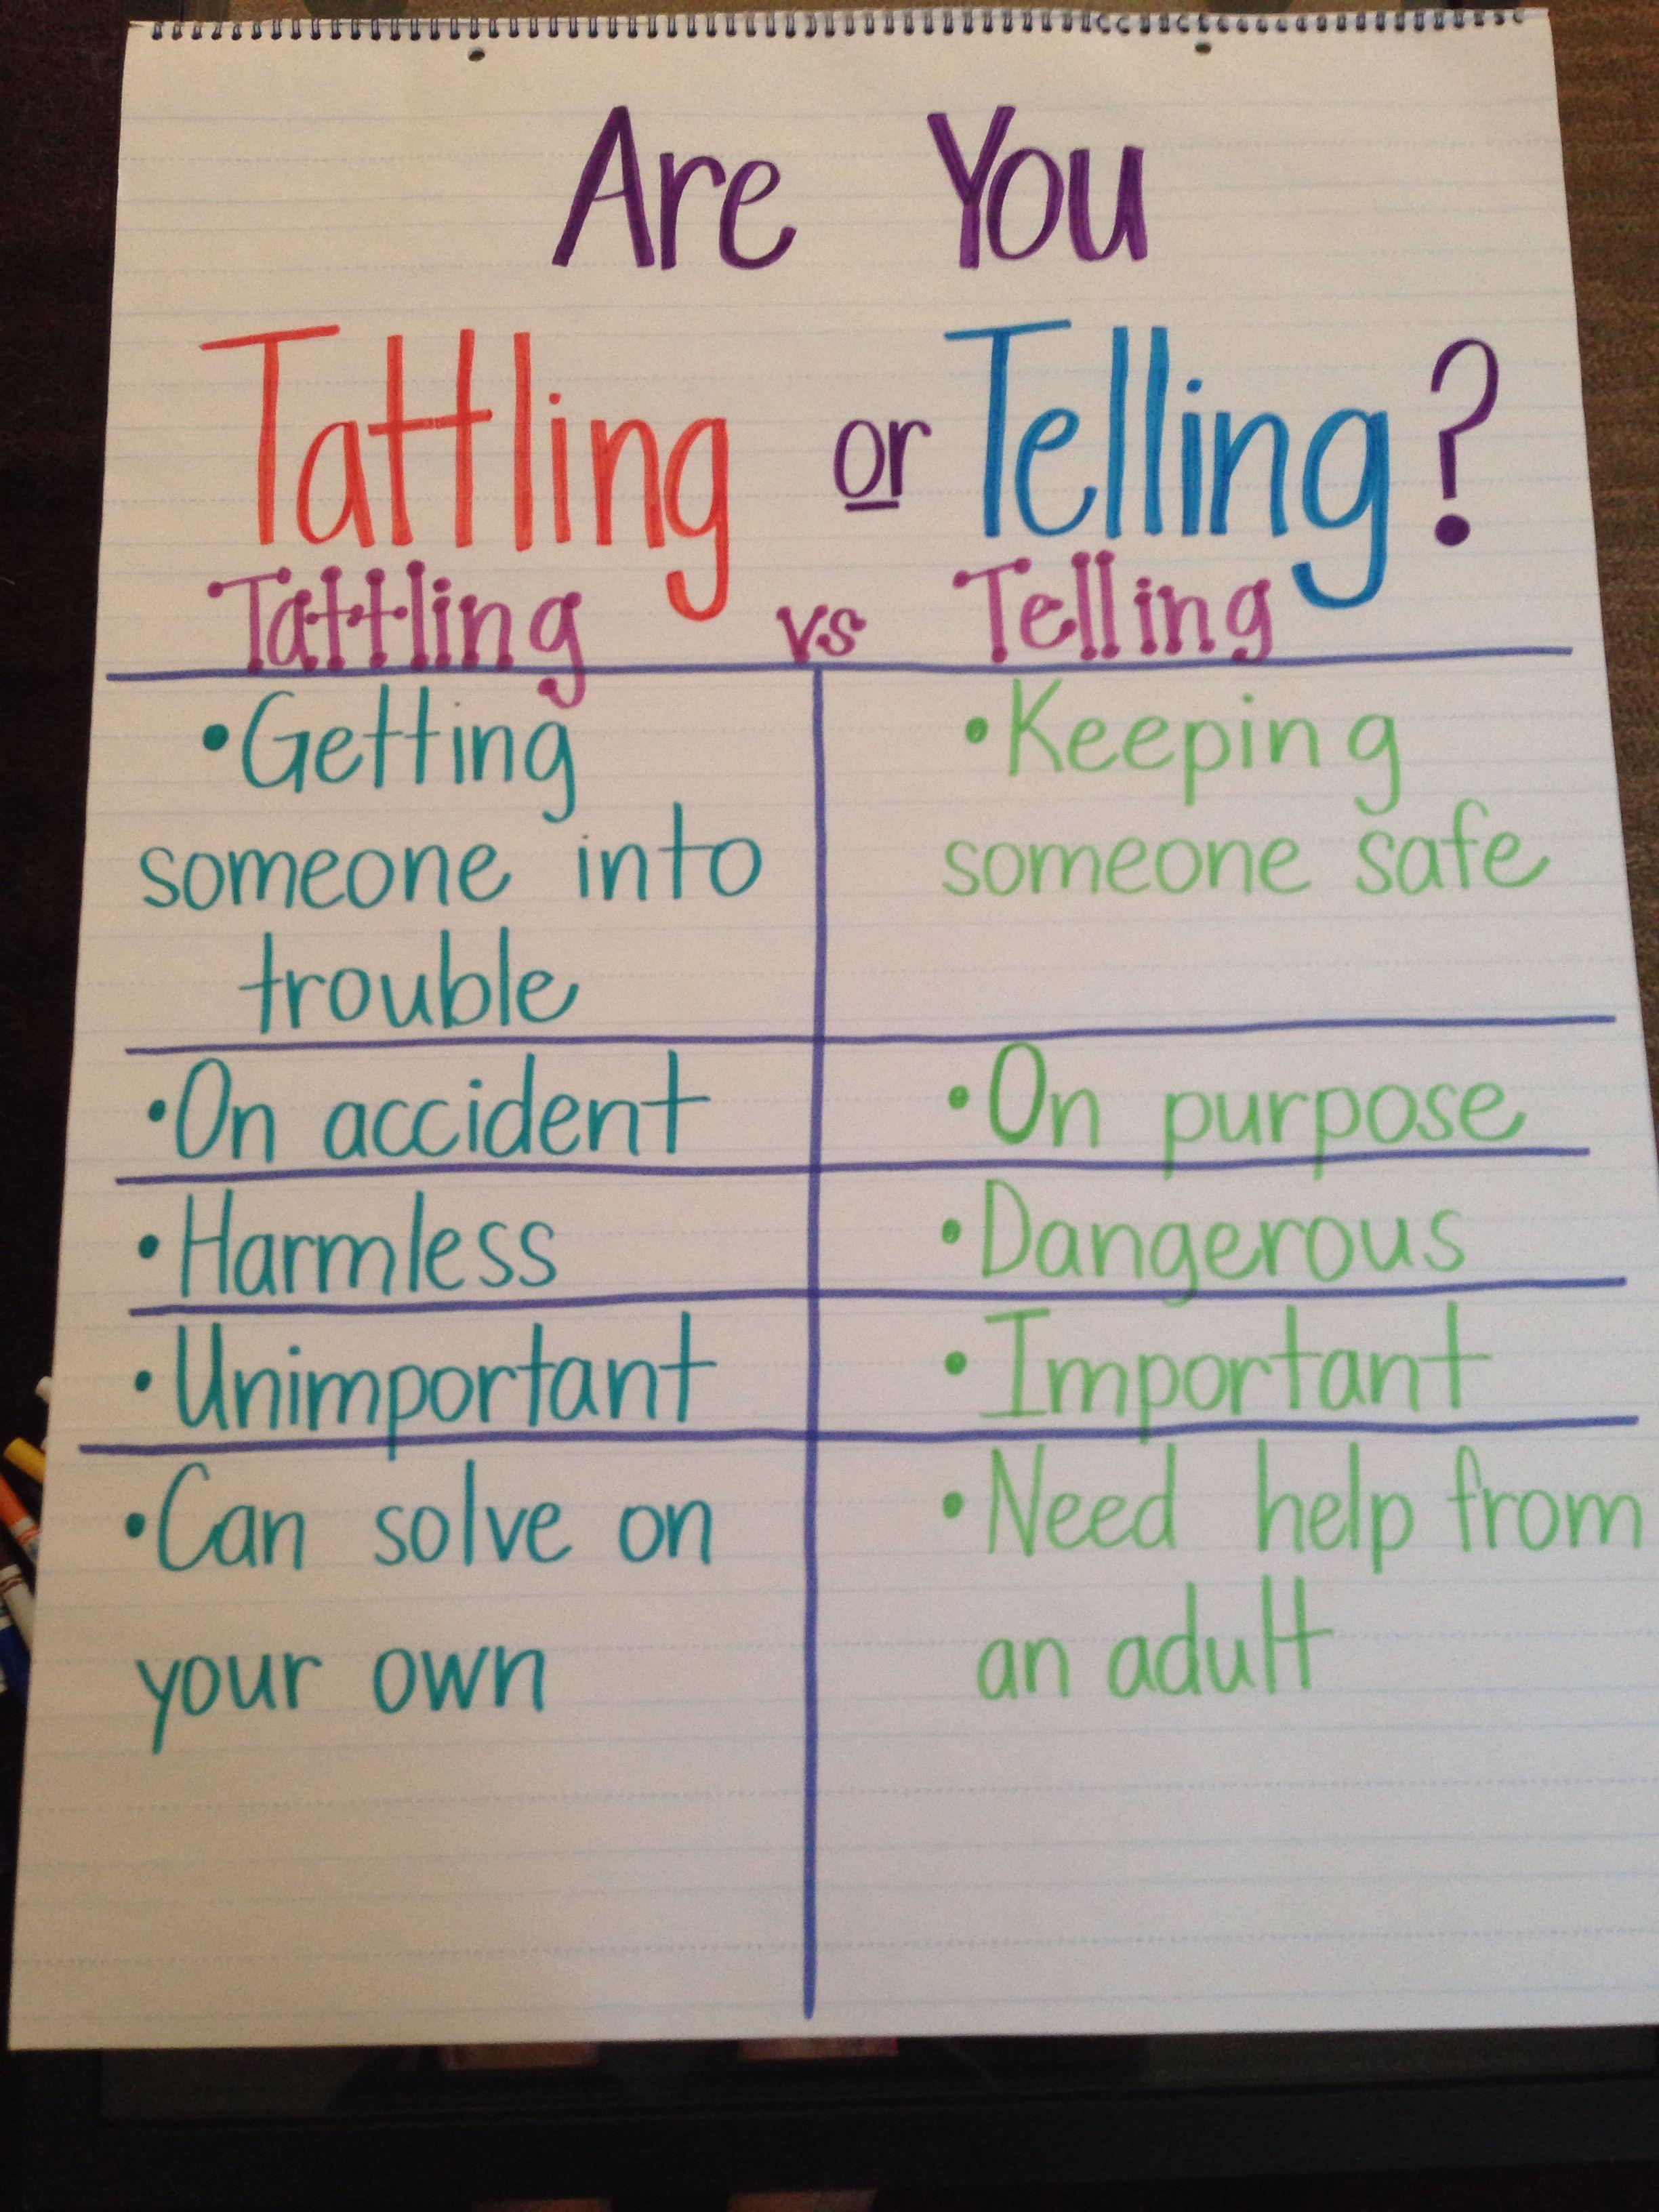 Tattling Vs Telling